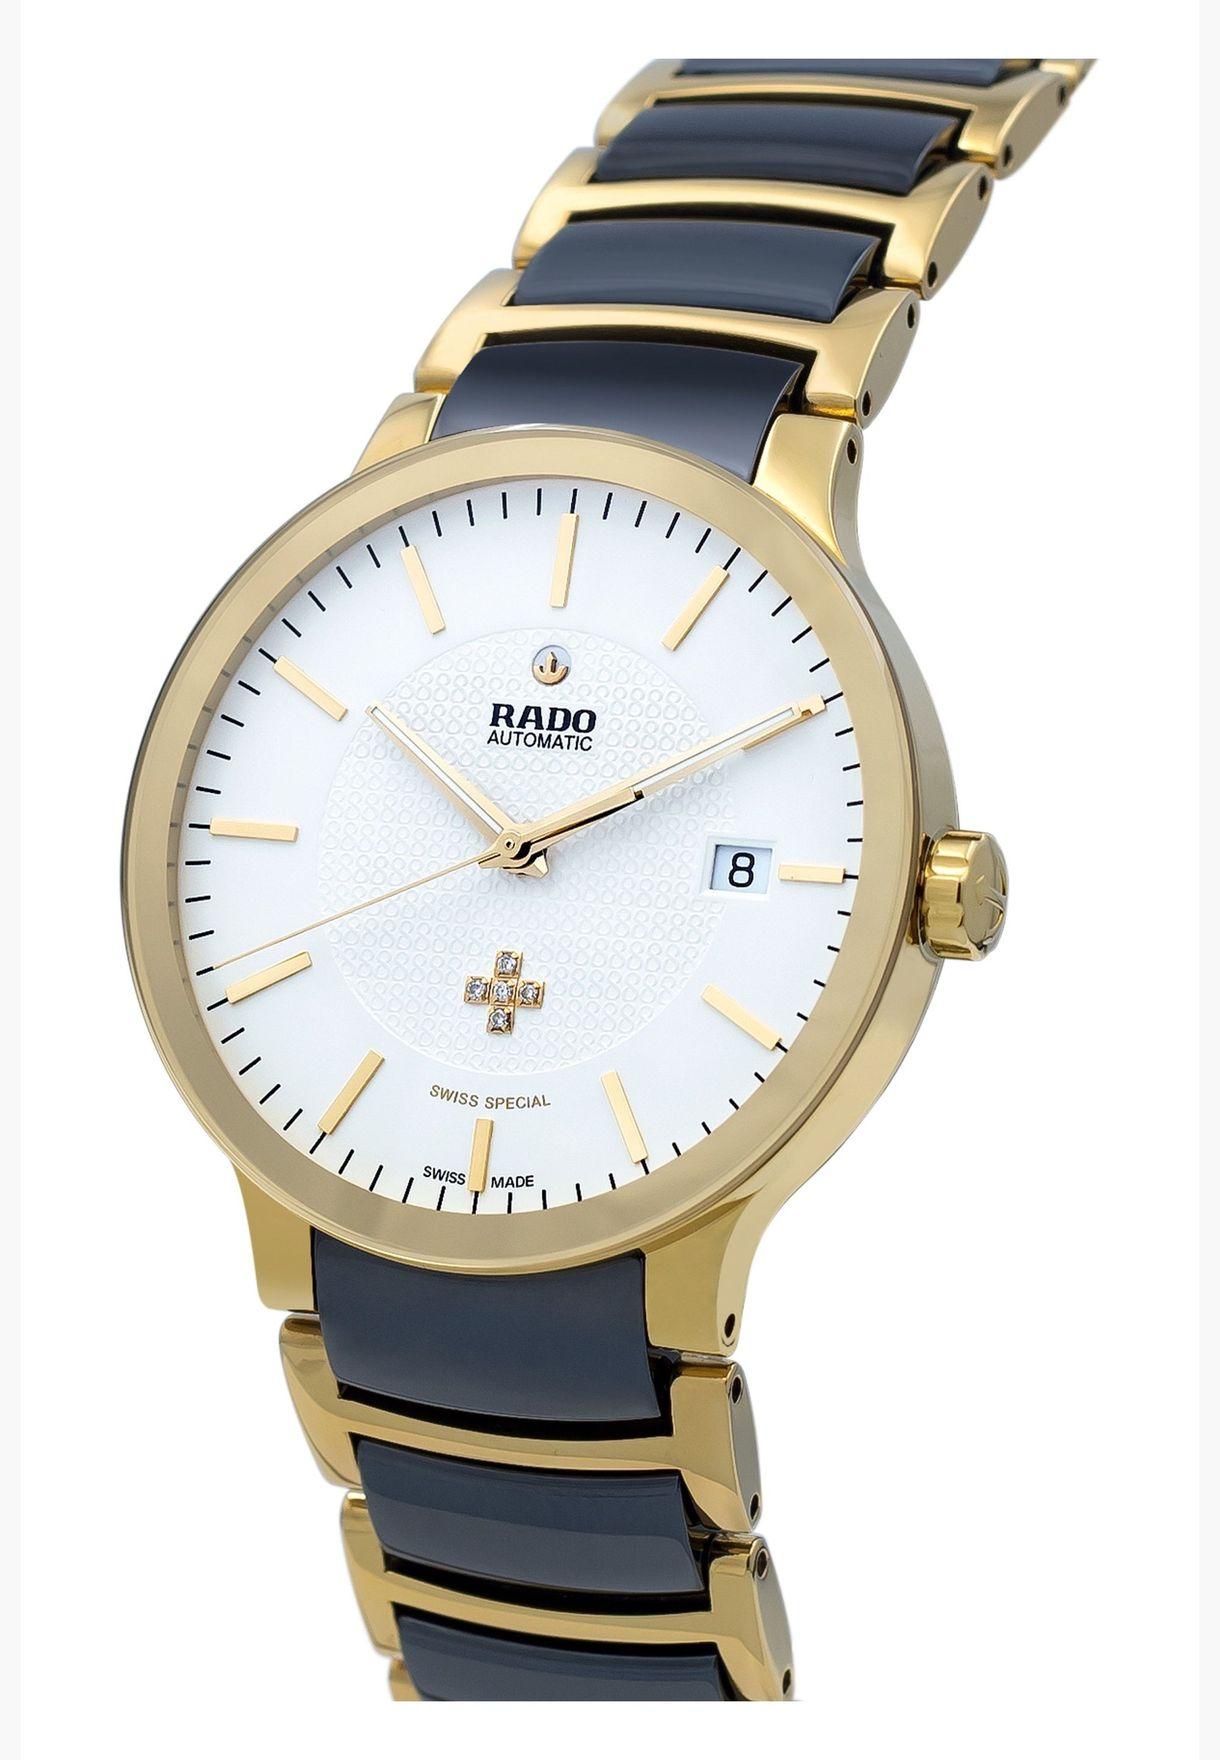 ساعة رادو سنتريكس للرجال - R30079702